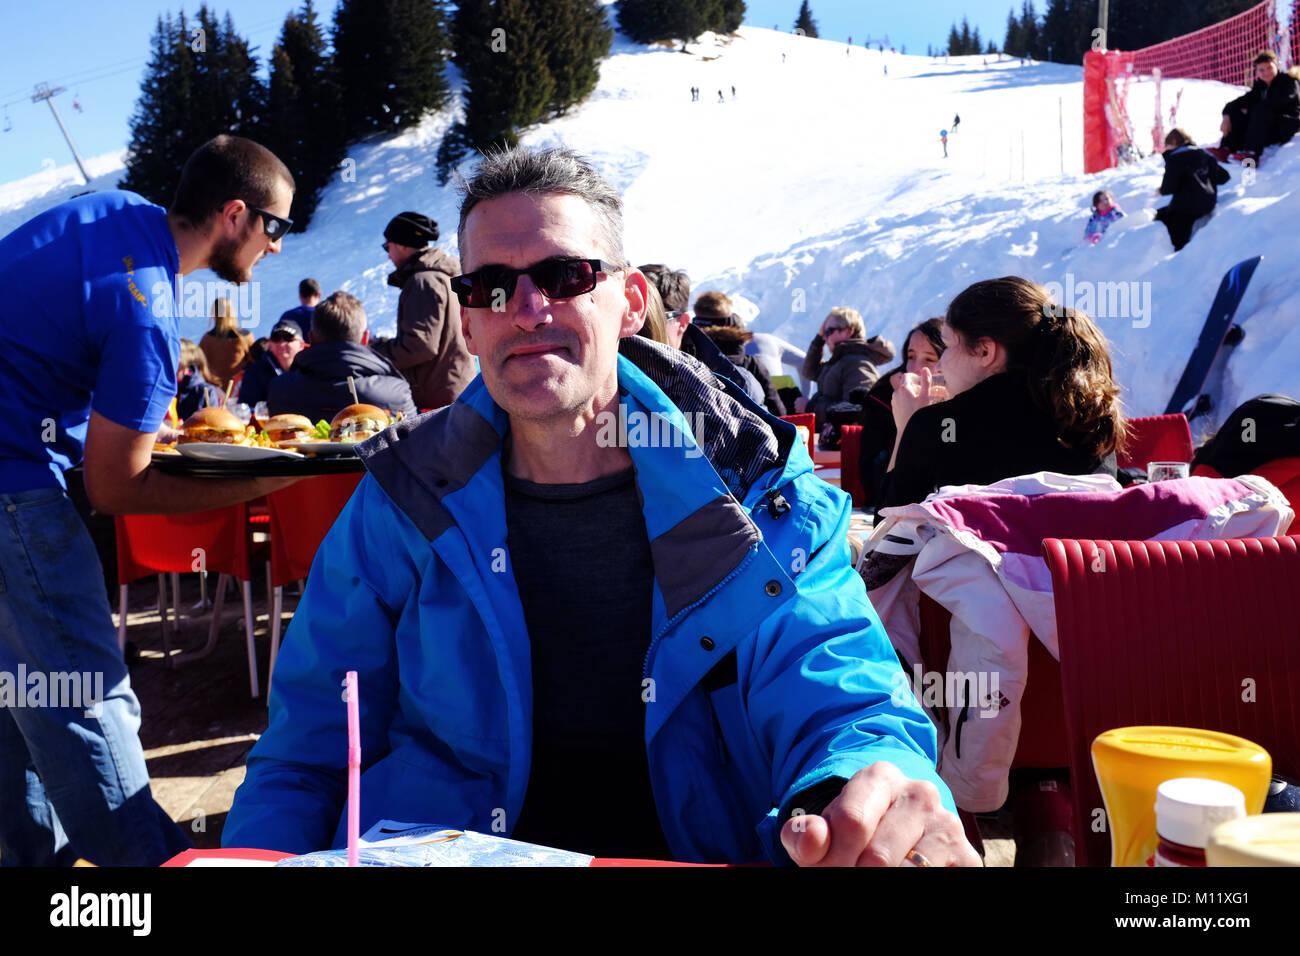 Eating in an outside ski resort restaurant on a sunny day, Samoens France - Stock Image